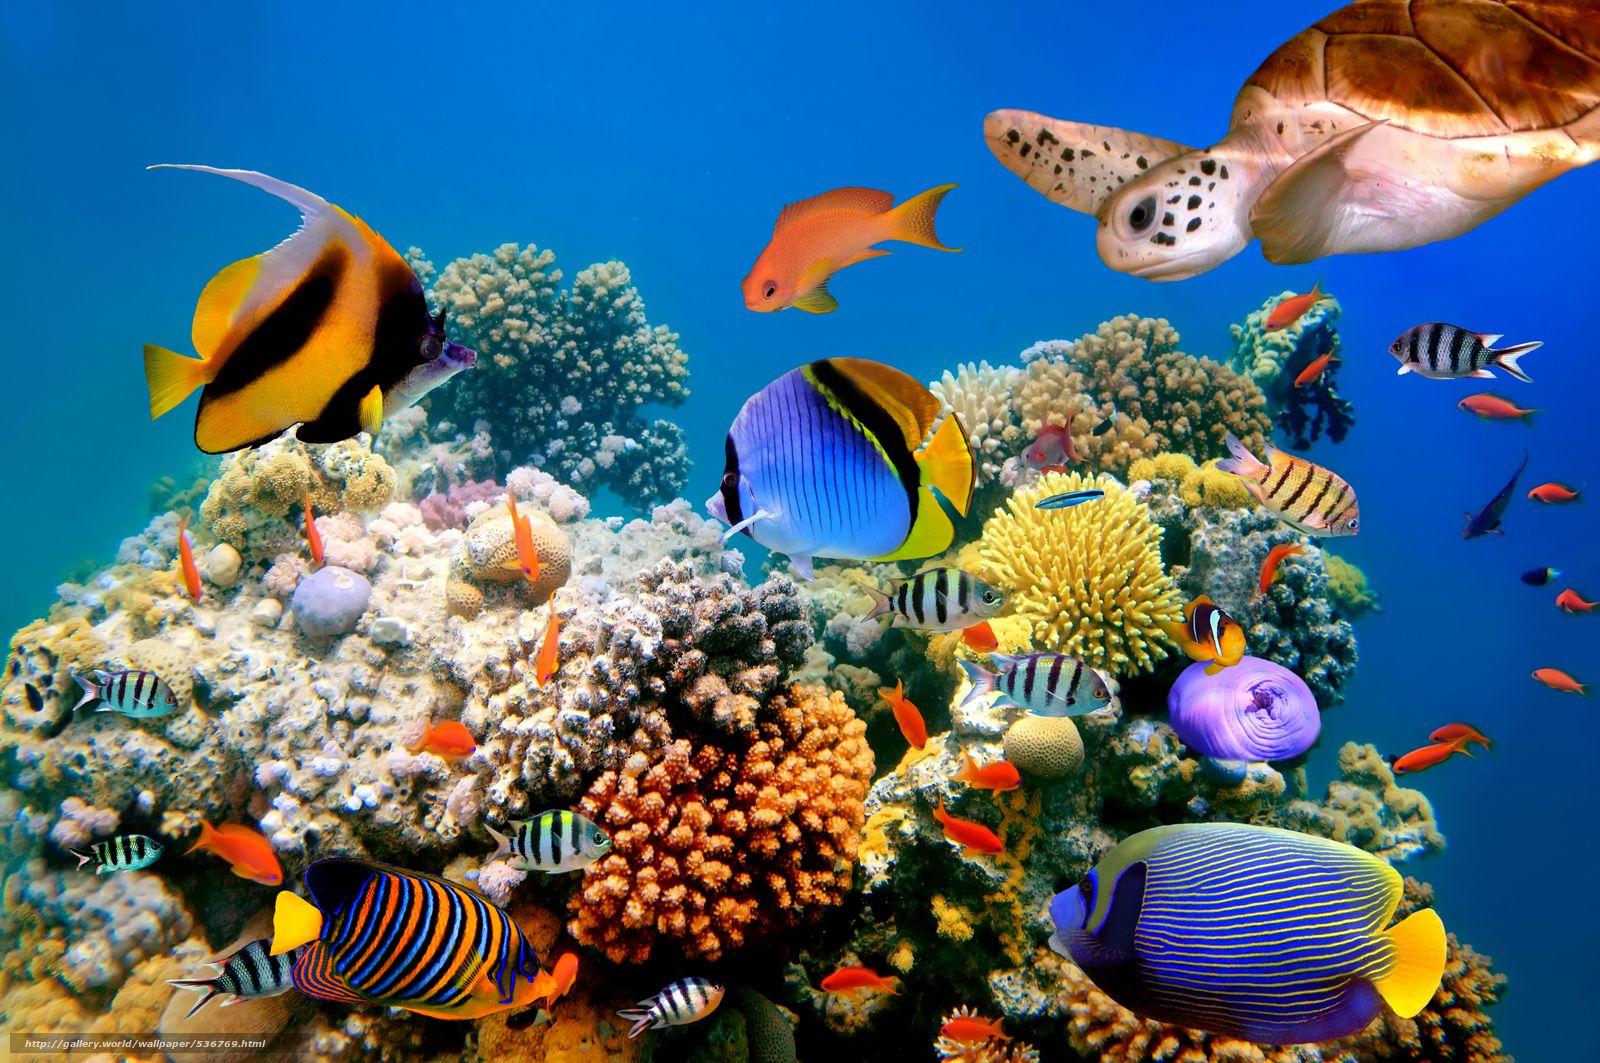 Poisson Des Tropiques Tlcharger Fond D Ecran Tropique Poisson Coraux Fonds Fond D Ecran Corail Recif De Corail Elevage De Poissons